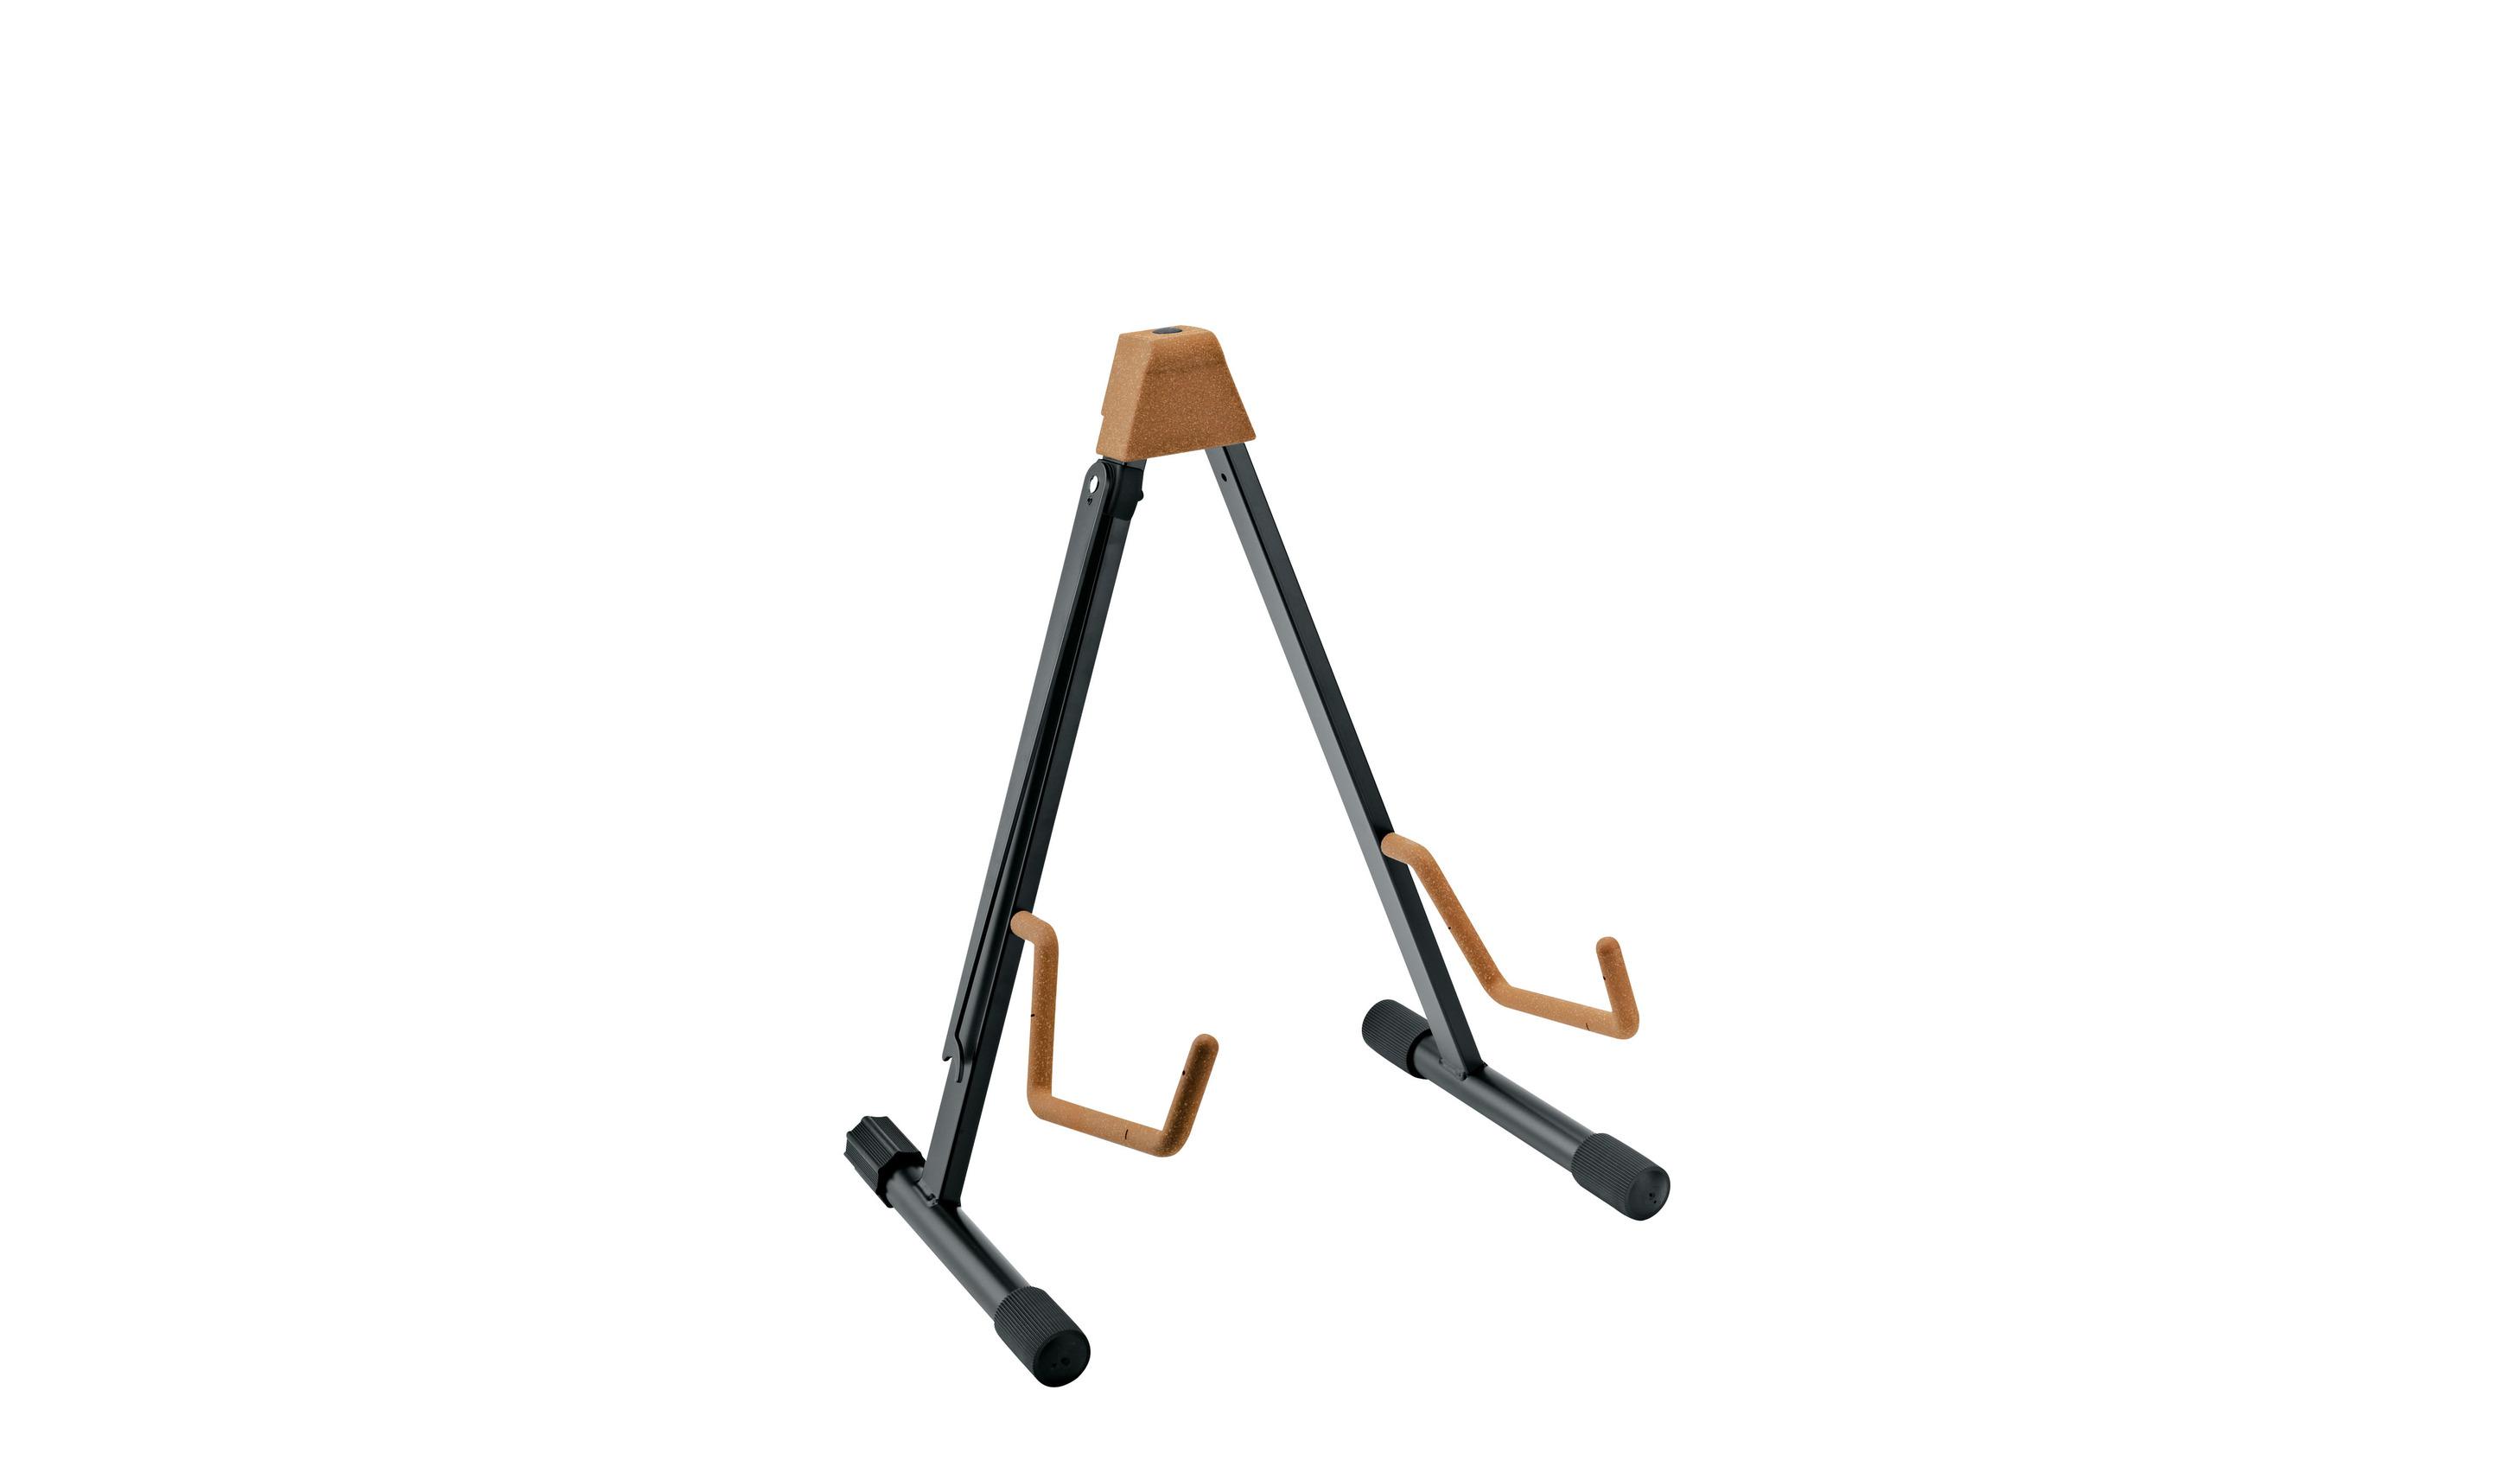 K&M cello stativ, sort med kork